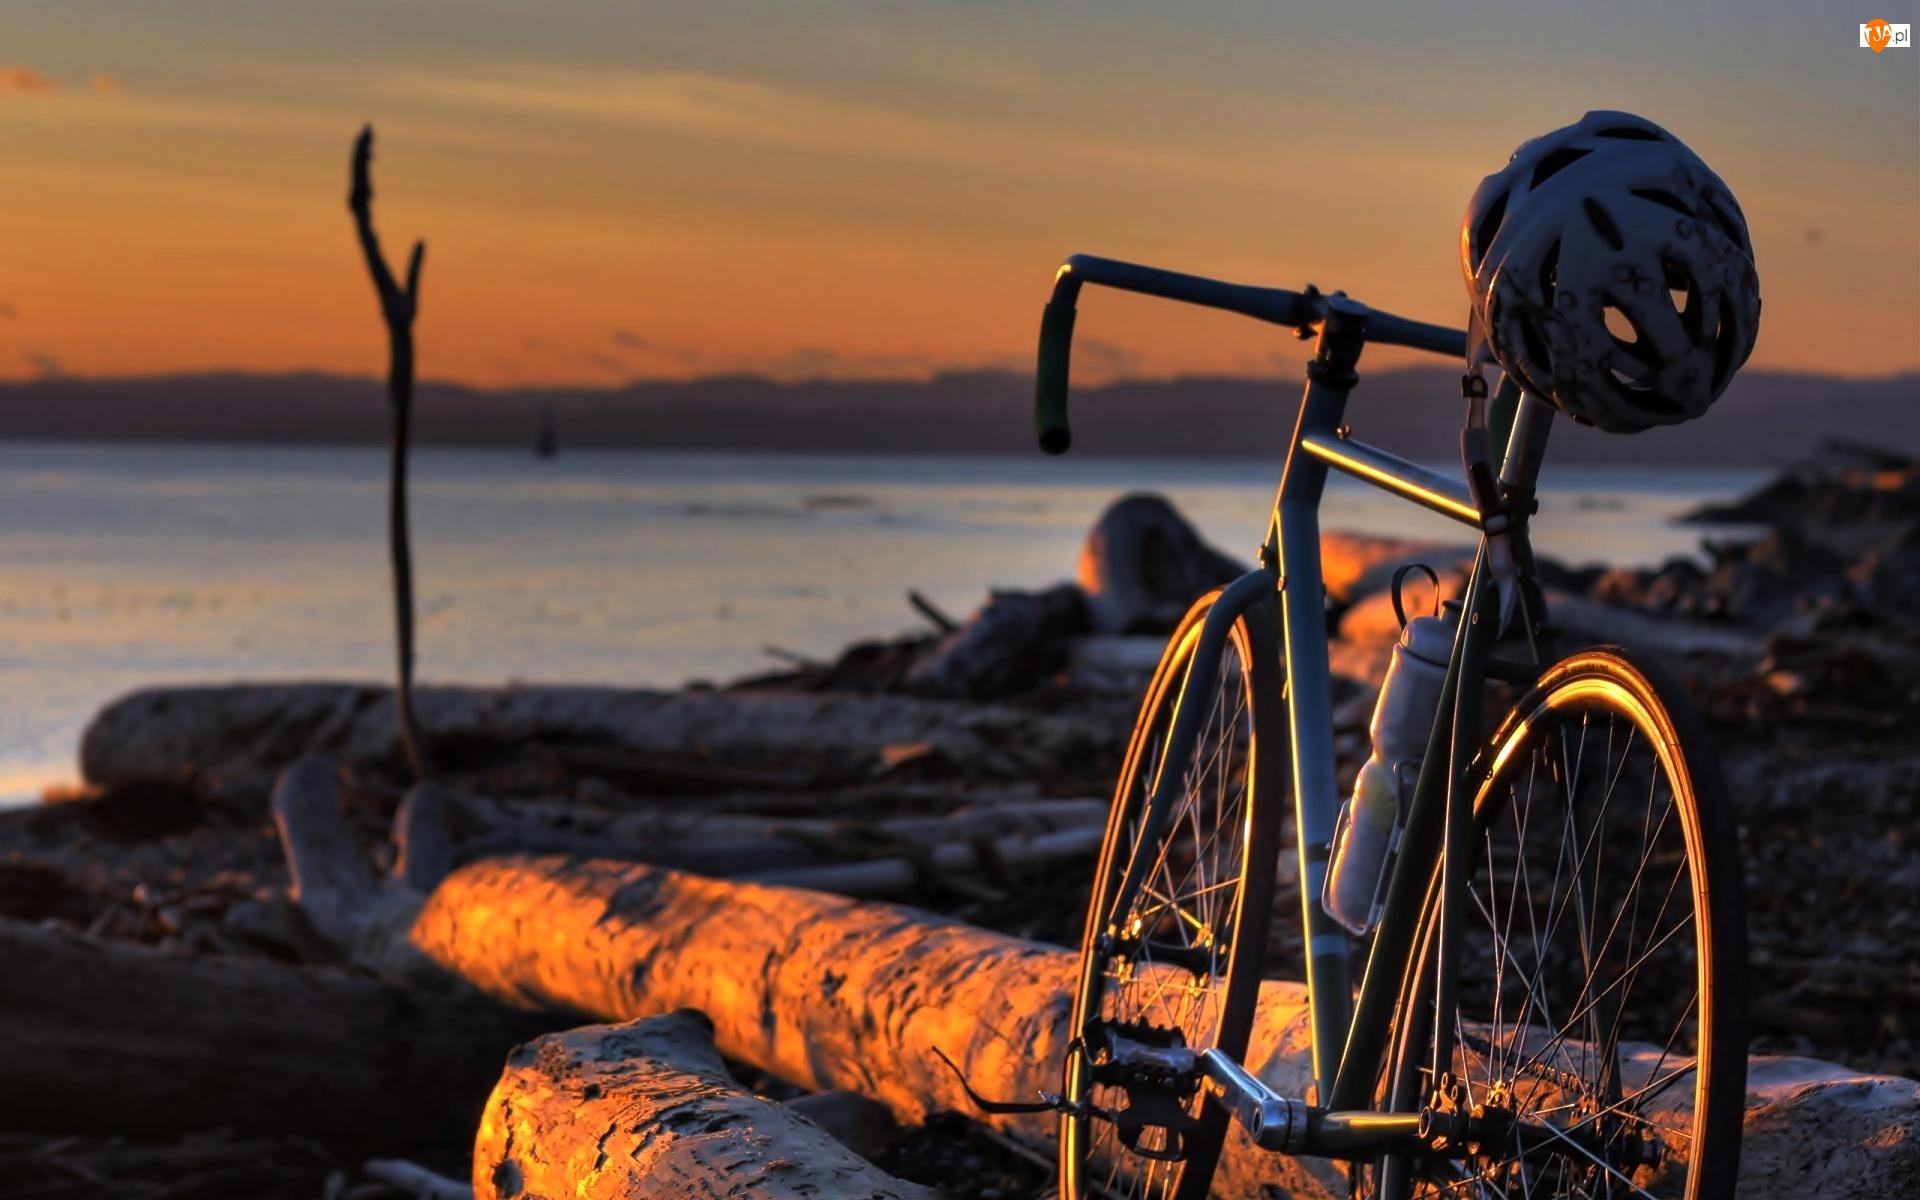 Wybrzeże, Jezioro, Rower, Drzewo, Kask, Zachód Slońca